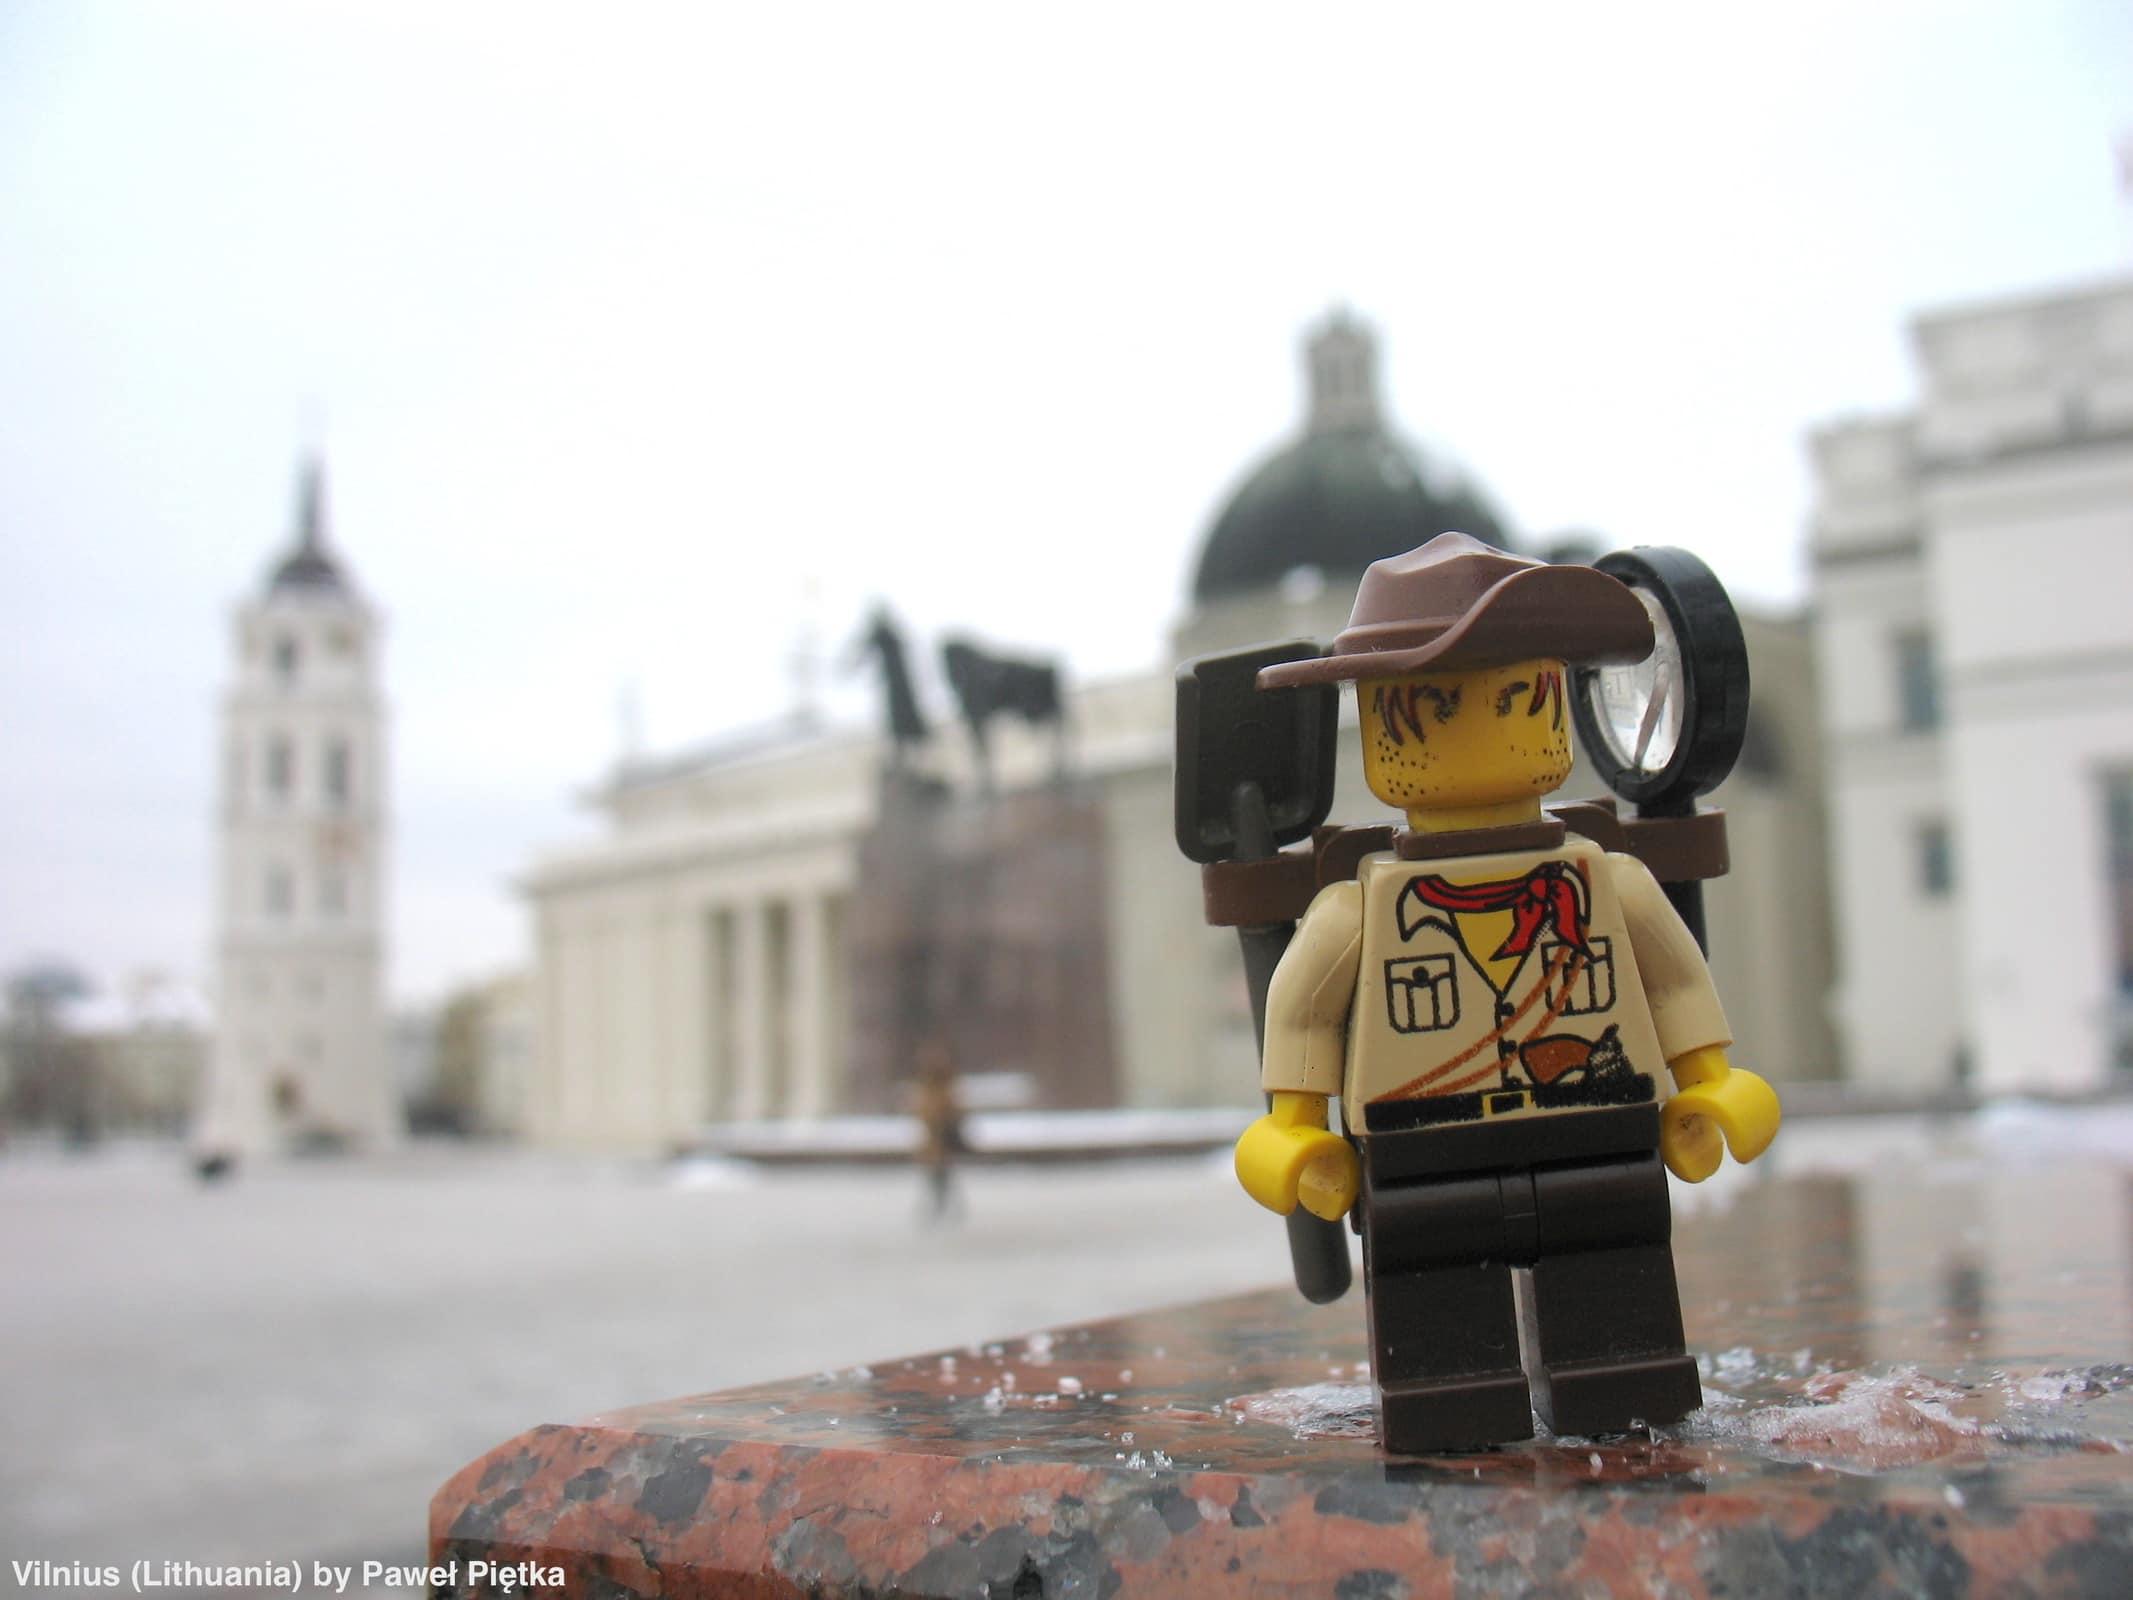 Vilnius (Lithuania) - Vilnius Cathedral